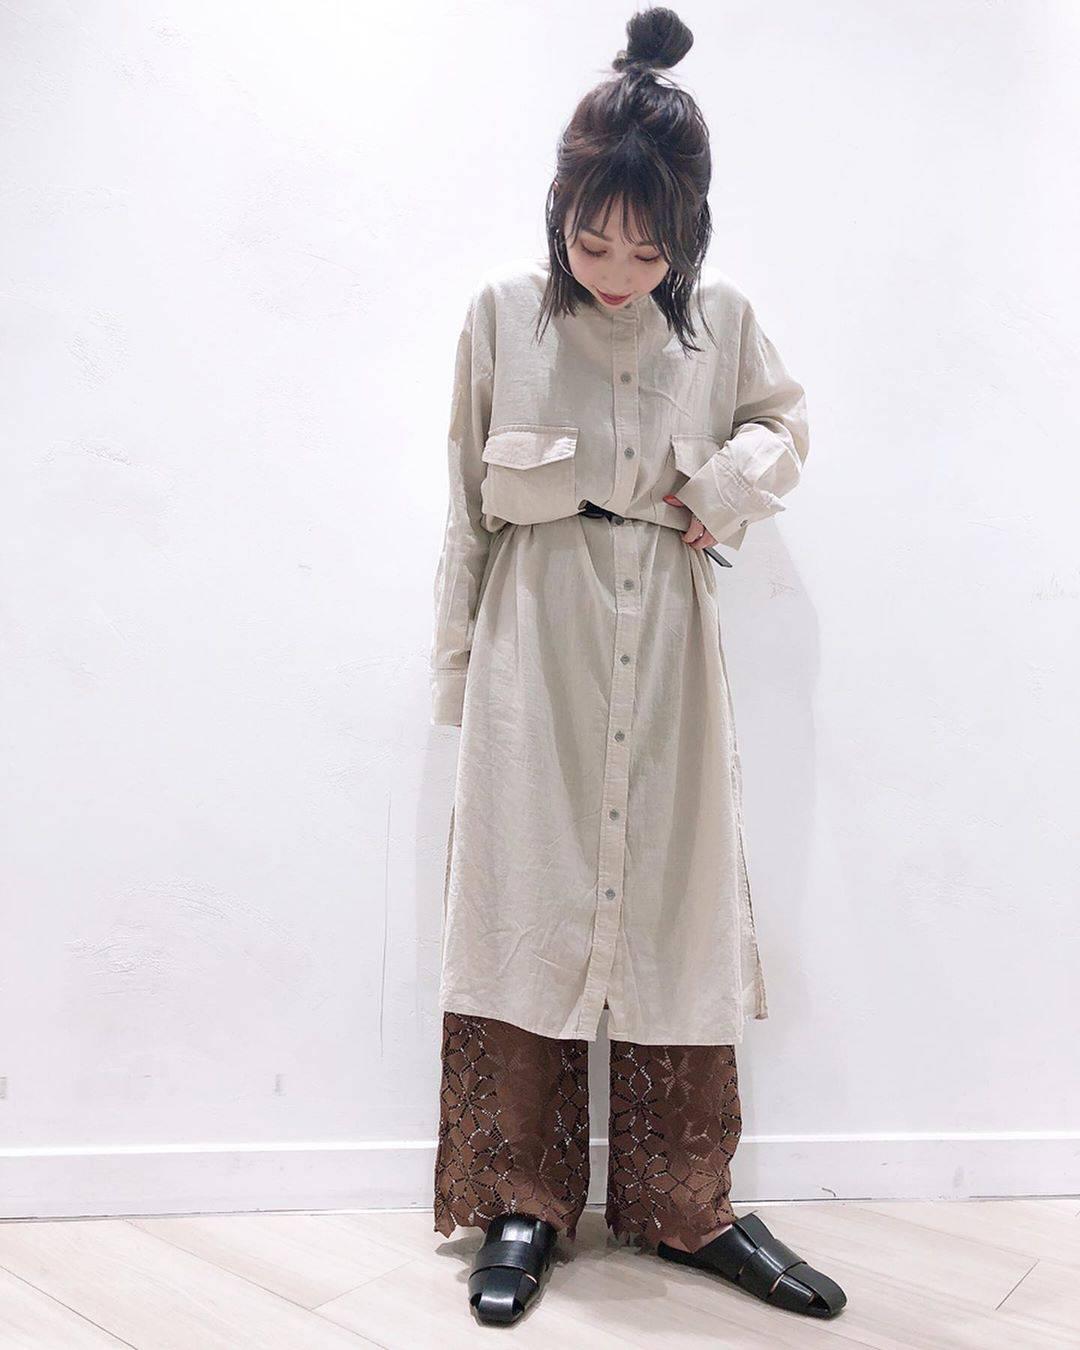 最高気温15度・最低気温4度 akaririri_1022の服装